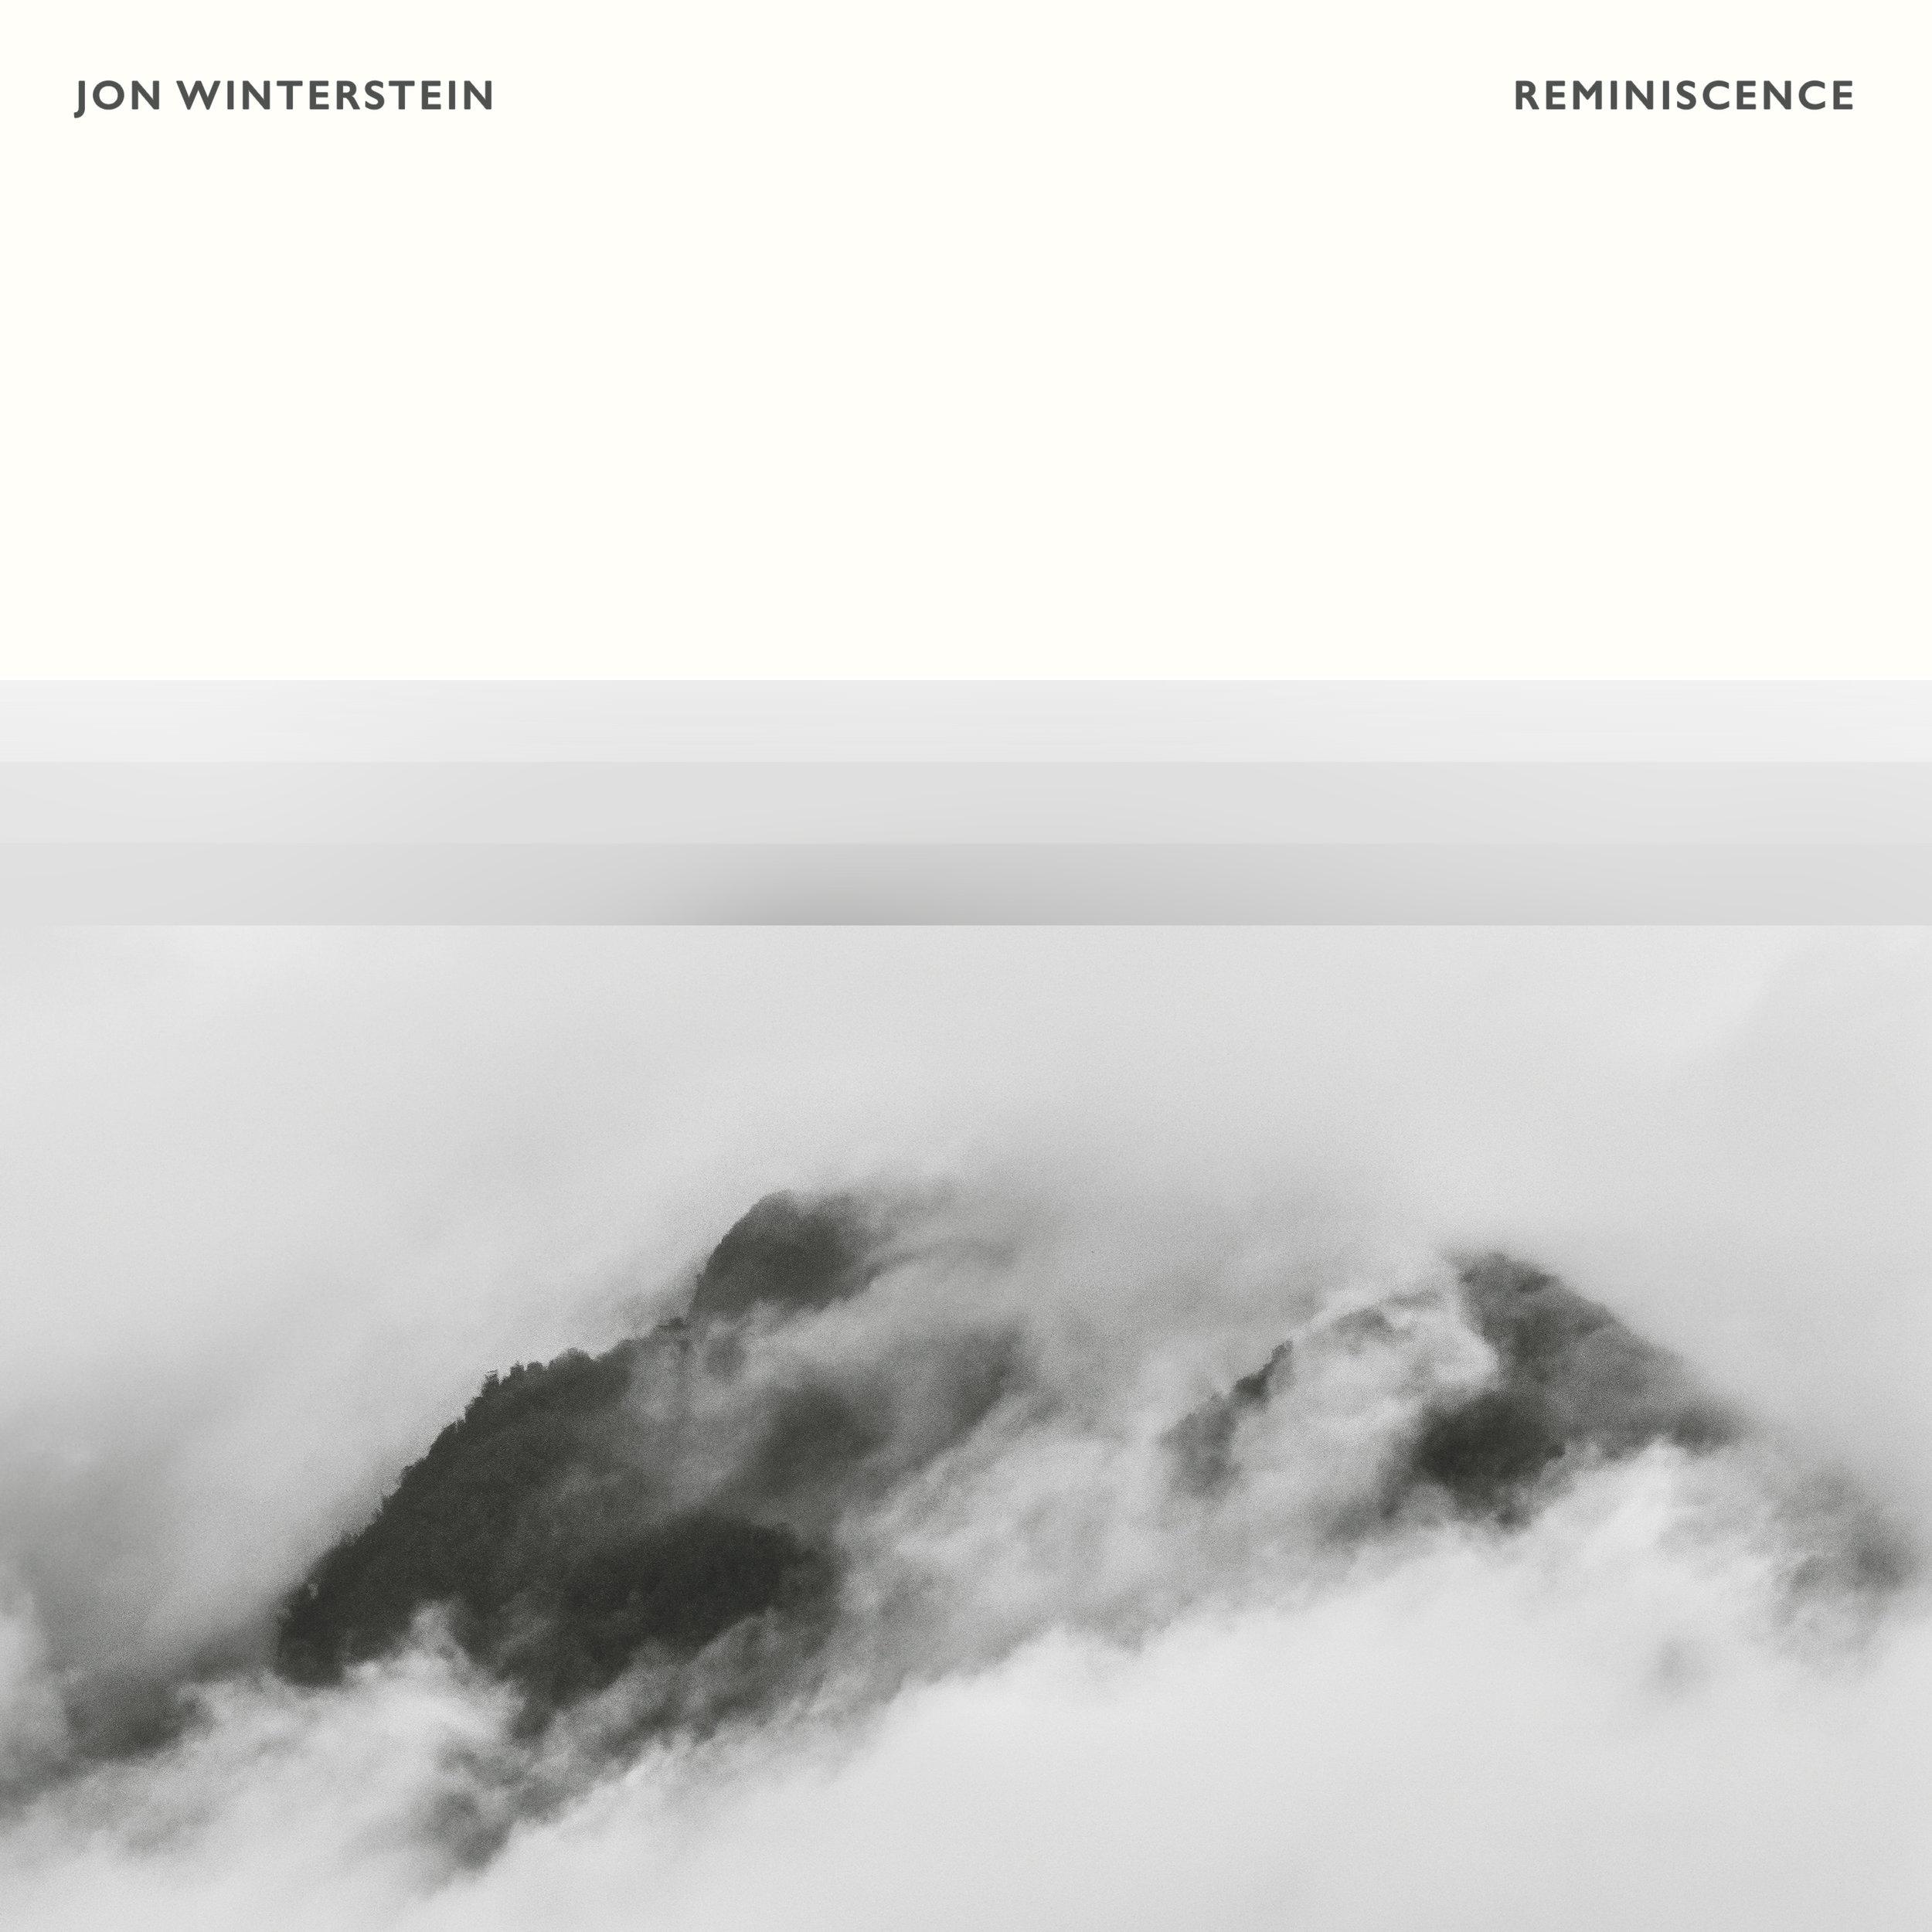 Jon Winterstein - Reminiscence